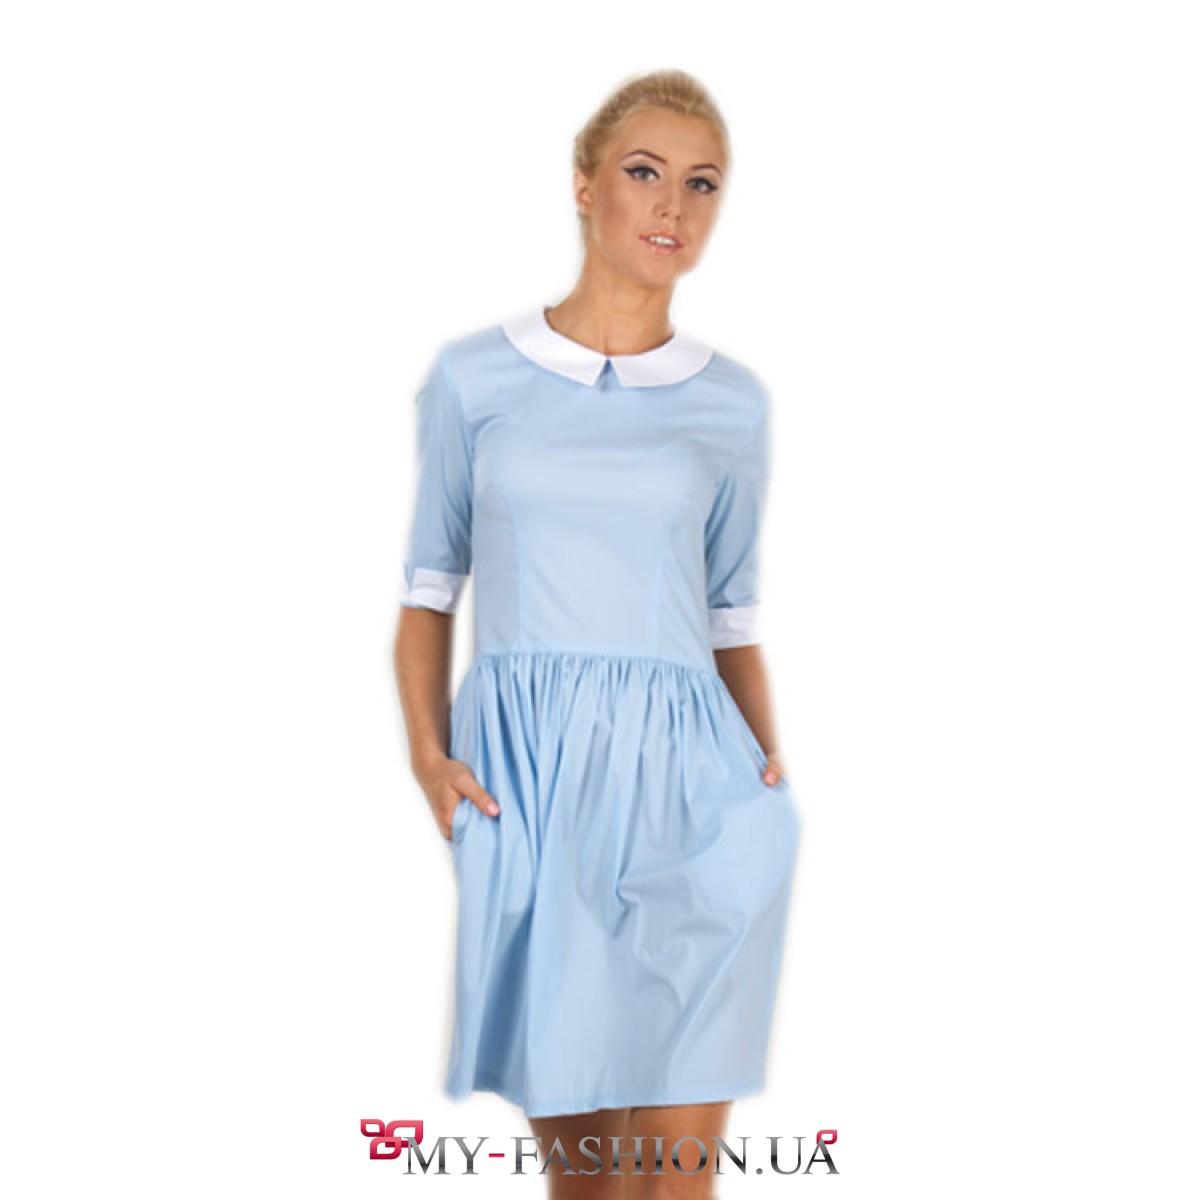 Платье с белым воротником доставка